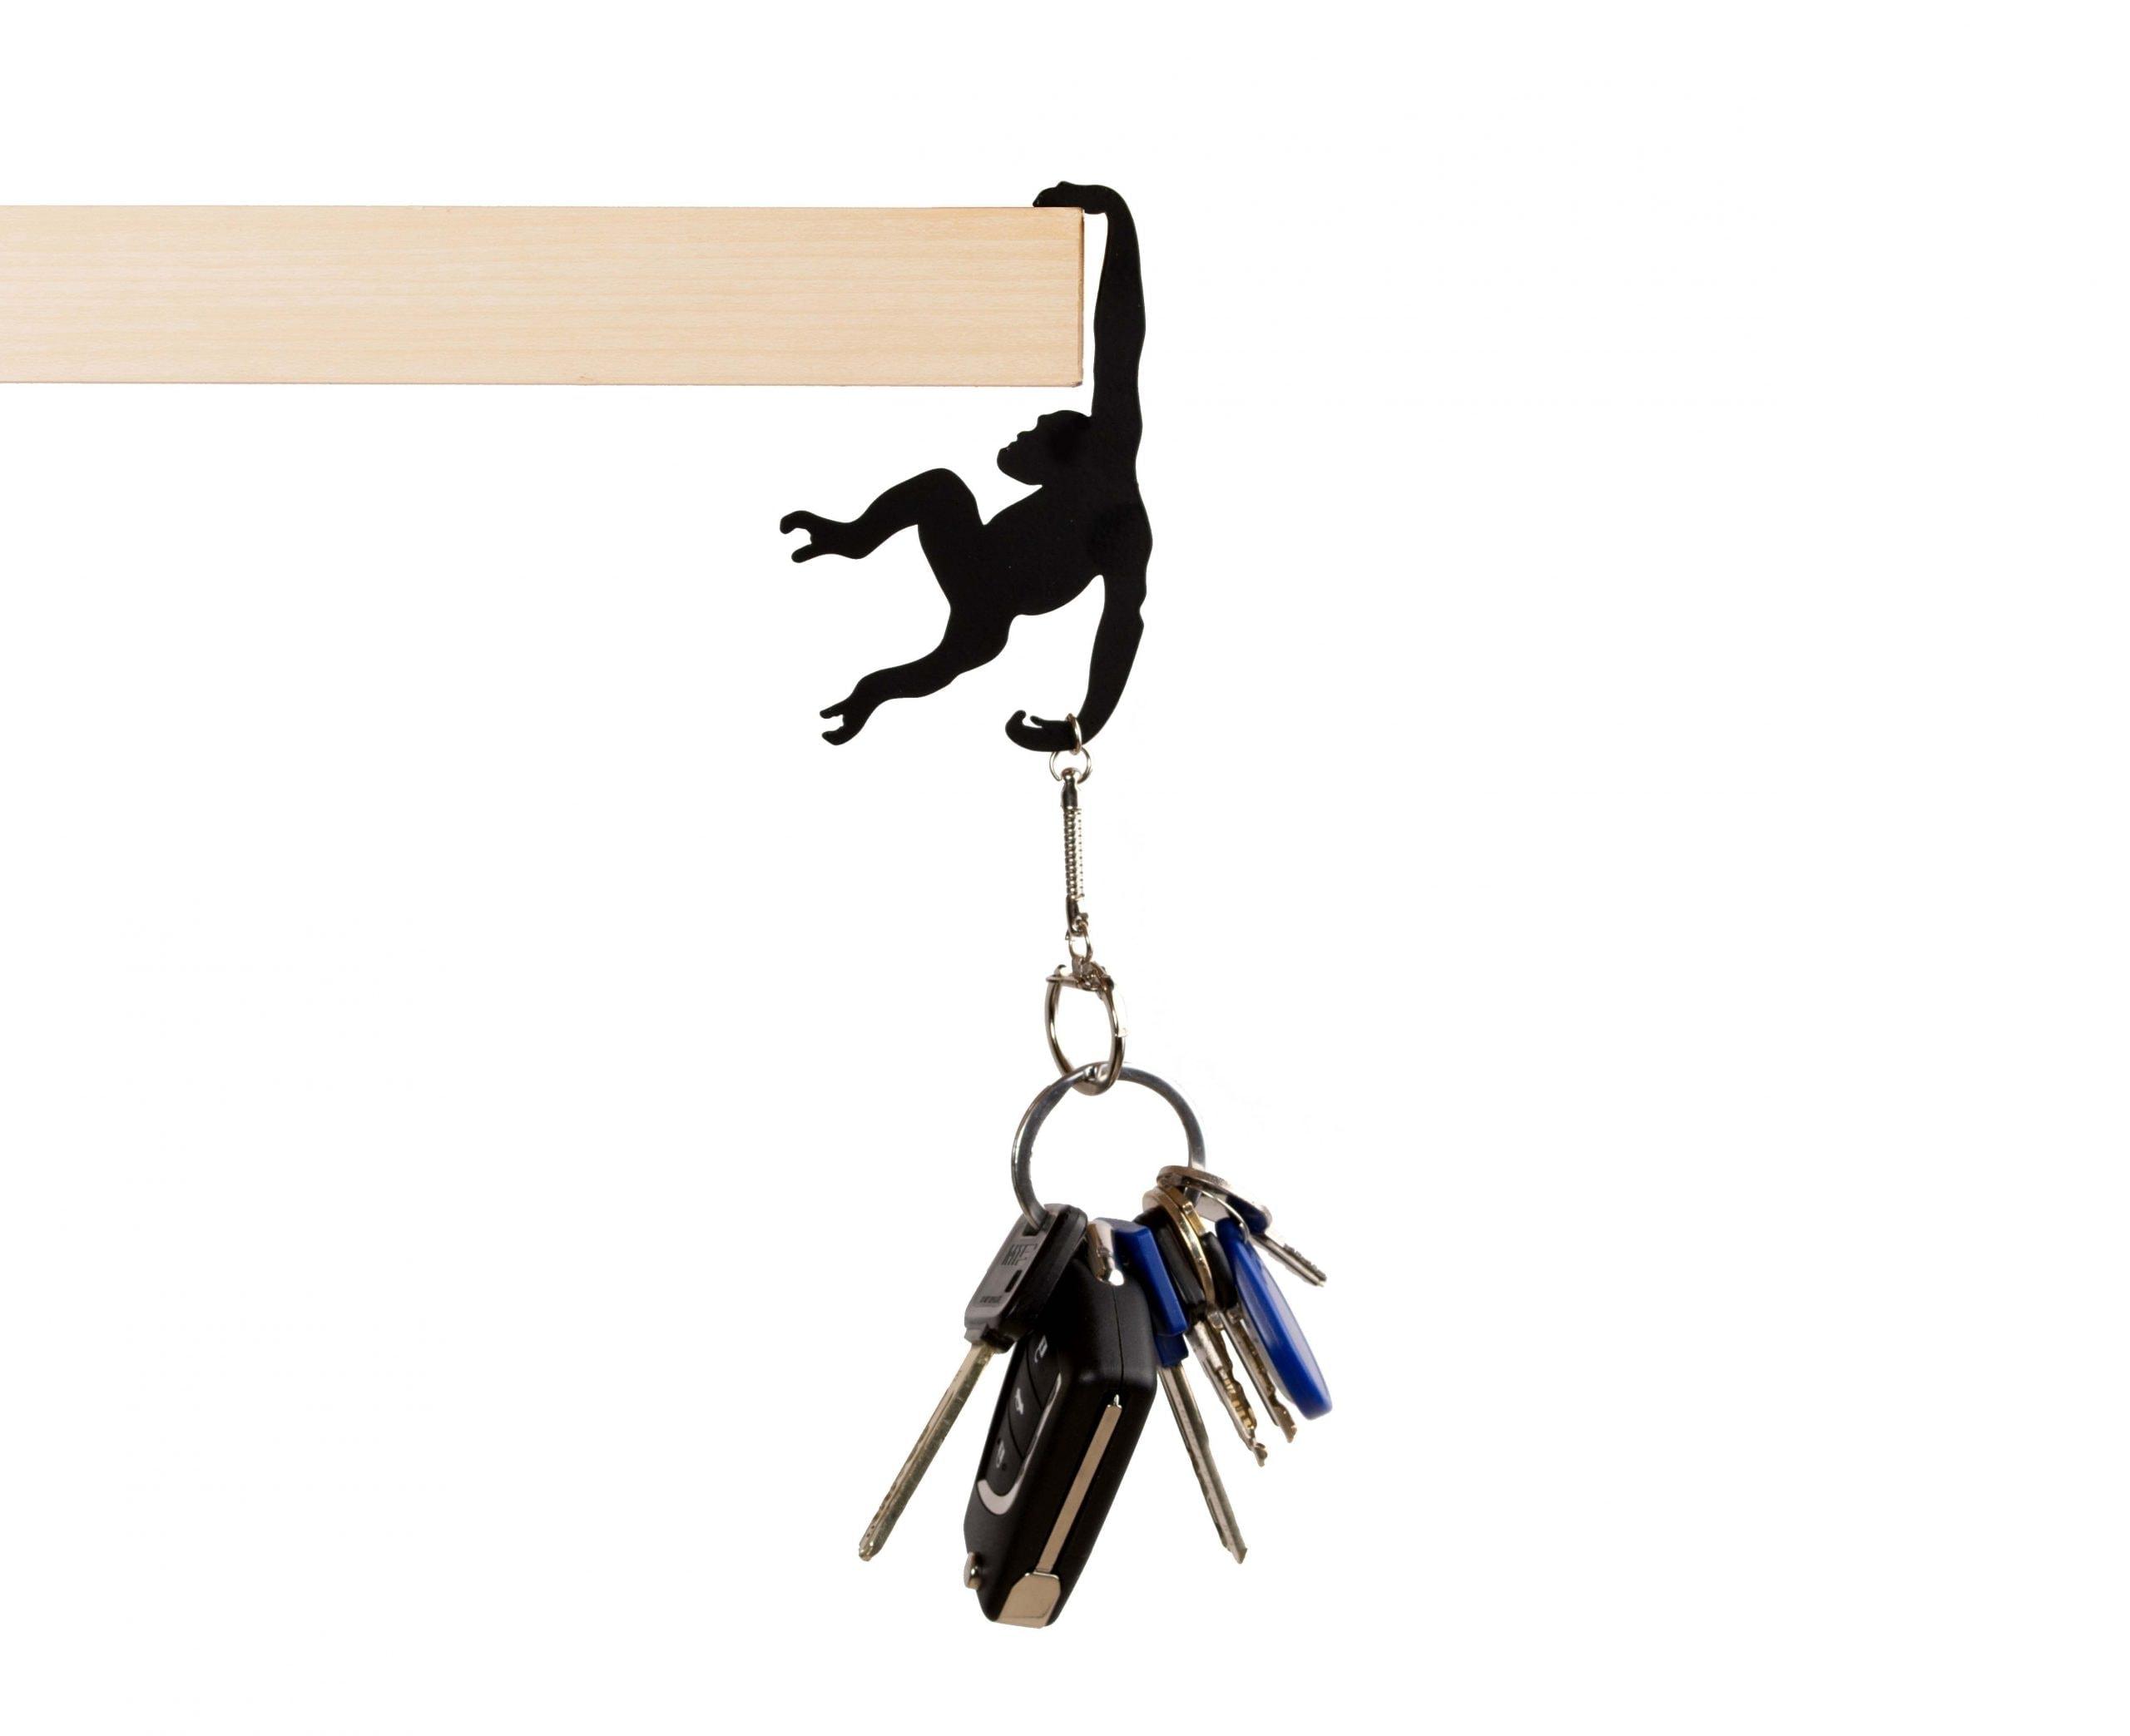 תלוי - אלברט ג'וניור - מתלה לתיק ומחזיק מפתחות